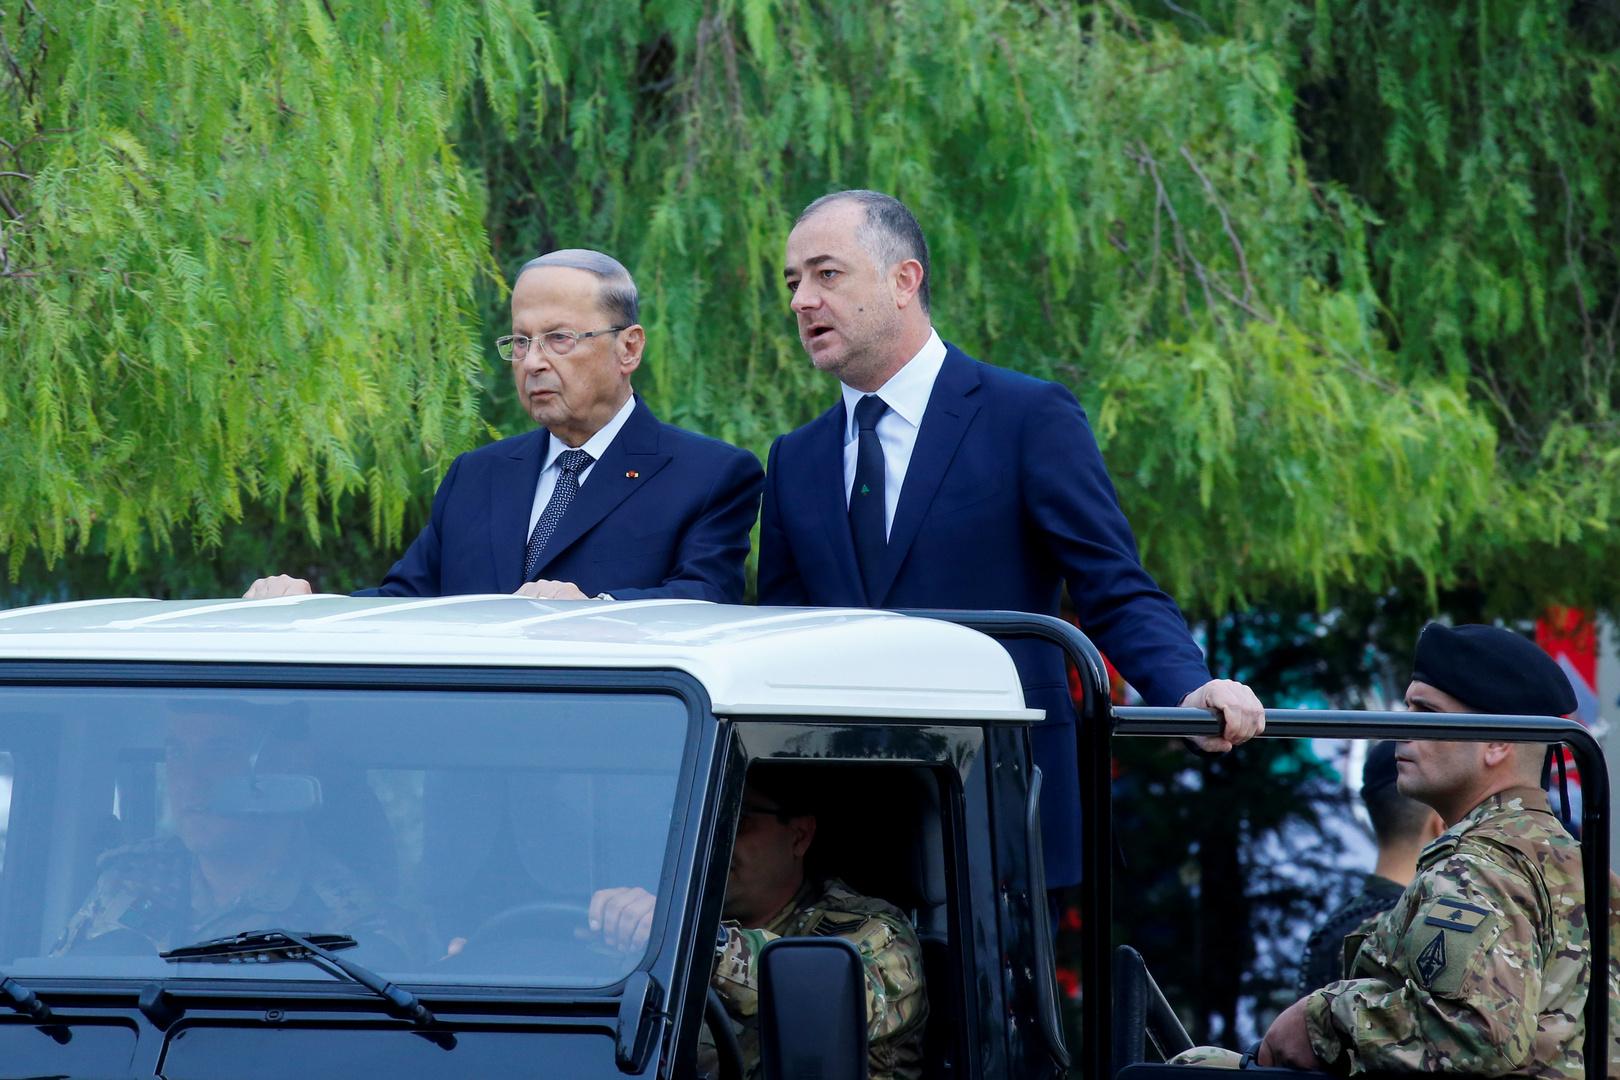 بوصعب برفقة رئيس الجمهورية خلال احتفال الاستقلال